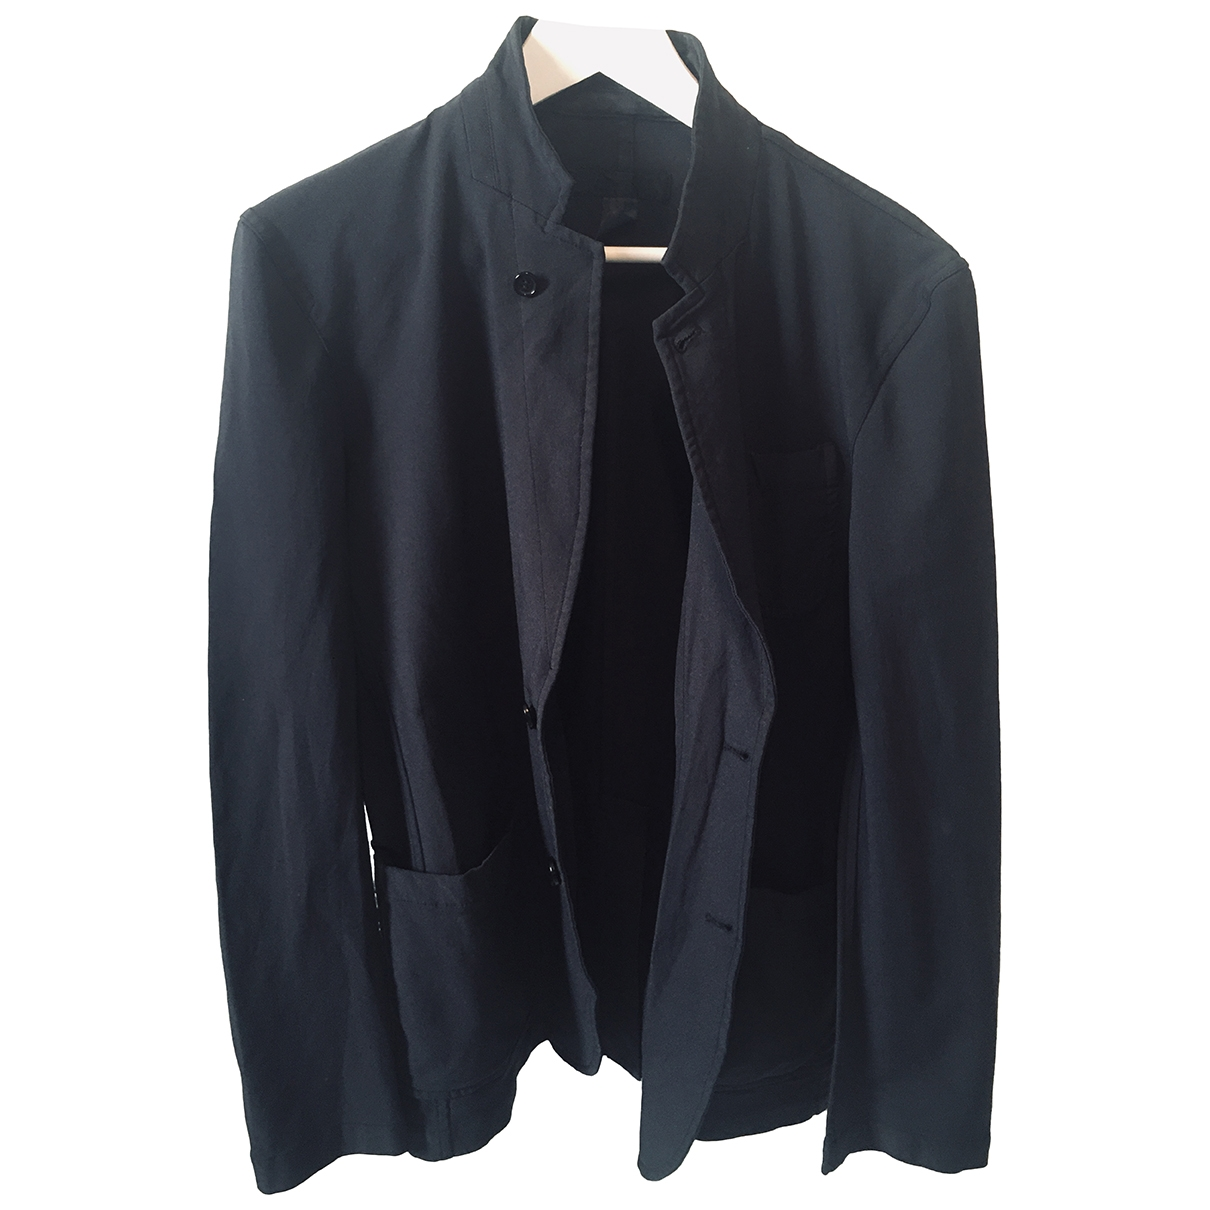 Comme Des Garcons \N Navy jacket  for Men L International